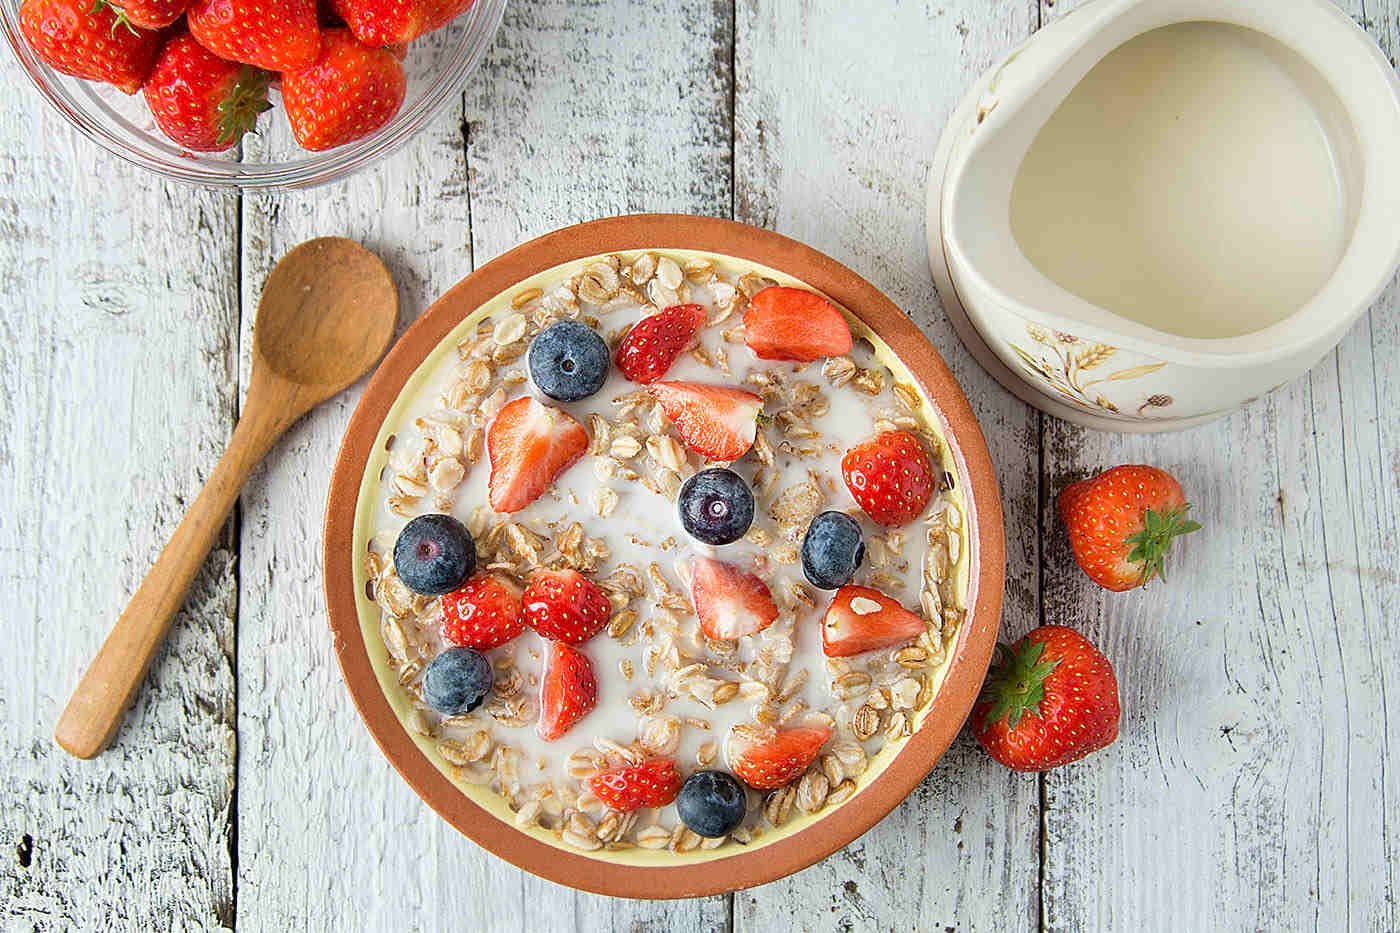 Dieta cu proteine puține: de ce depinde succesul ei?